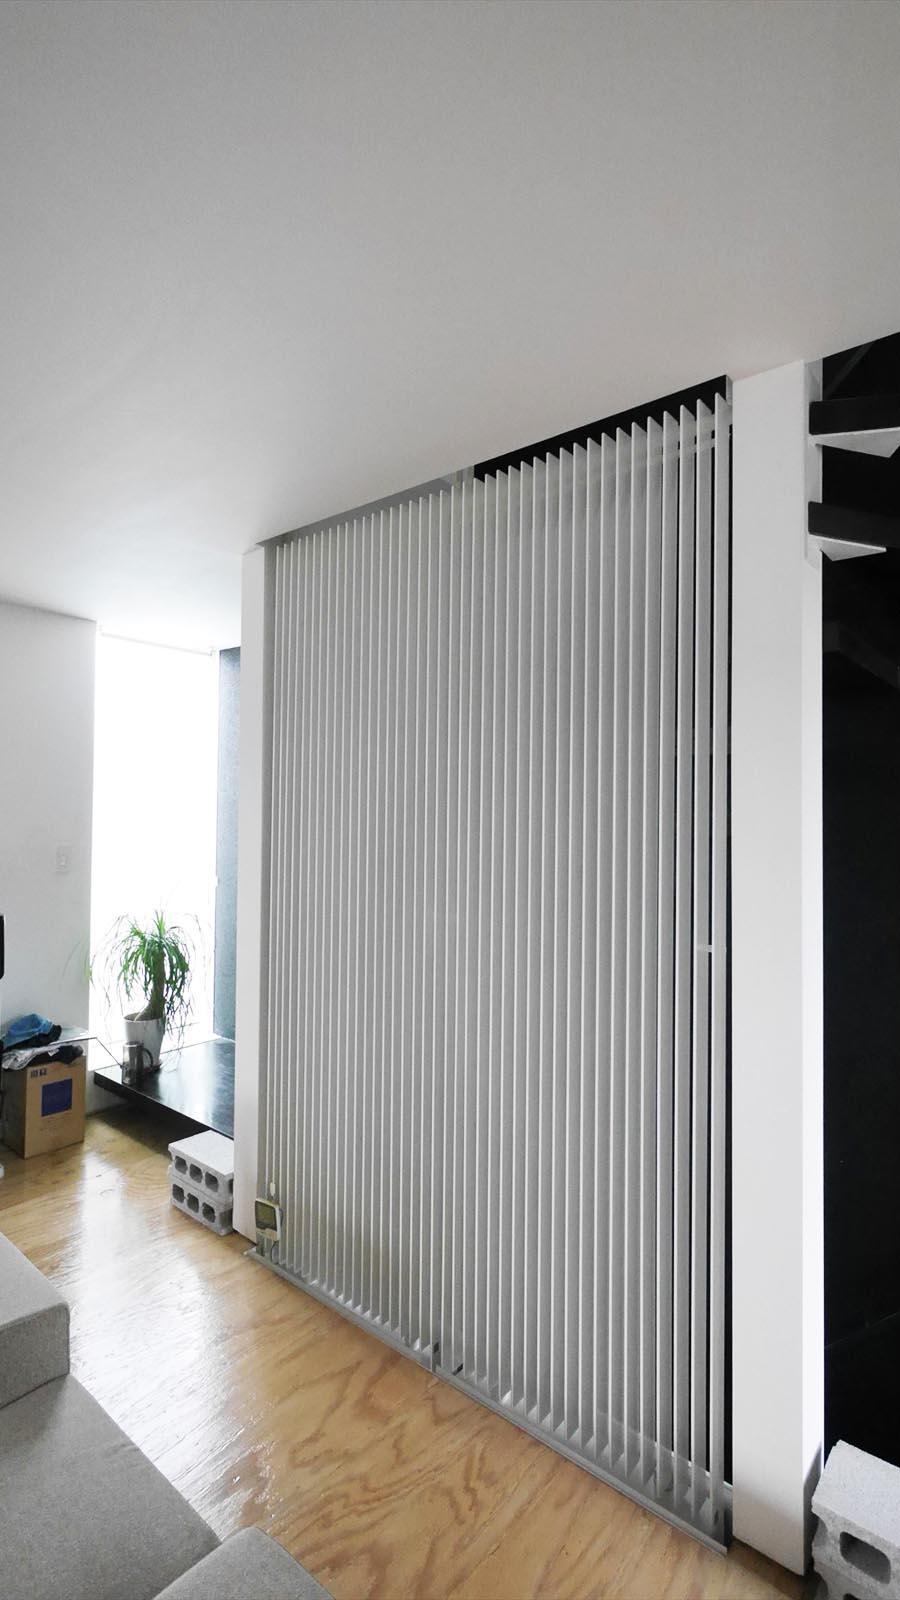 放射型冷暖房(PS社)。空調としての性能とデザイン性を備えている